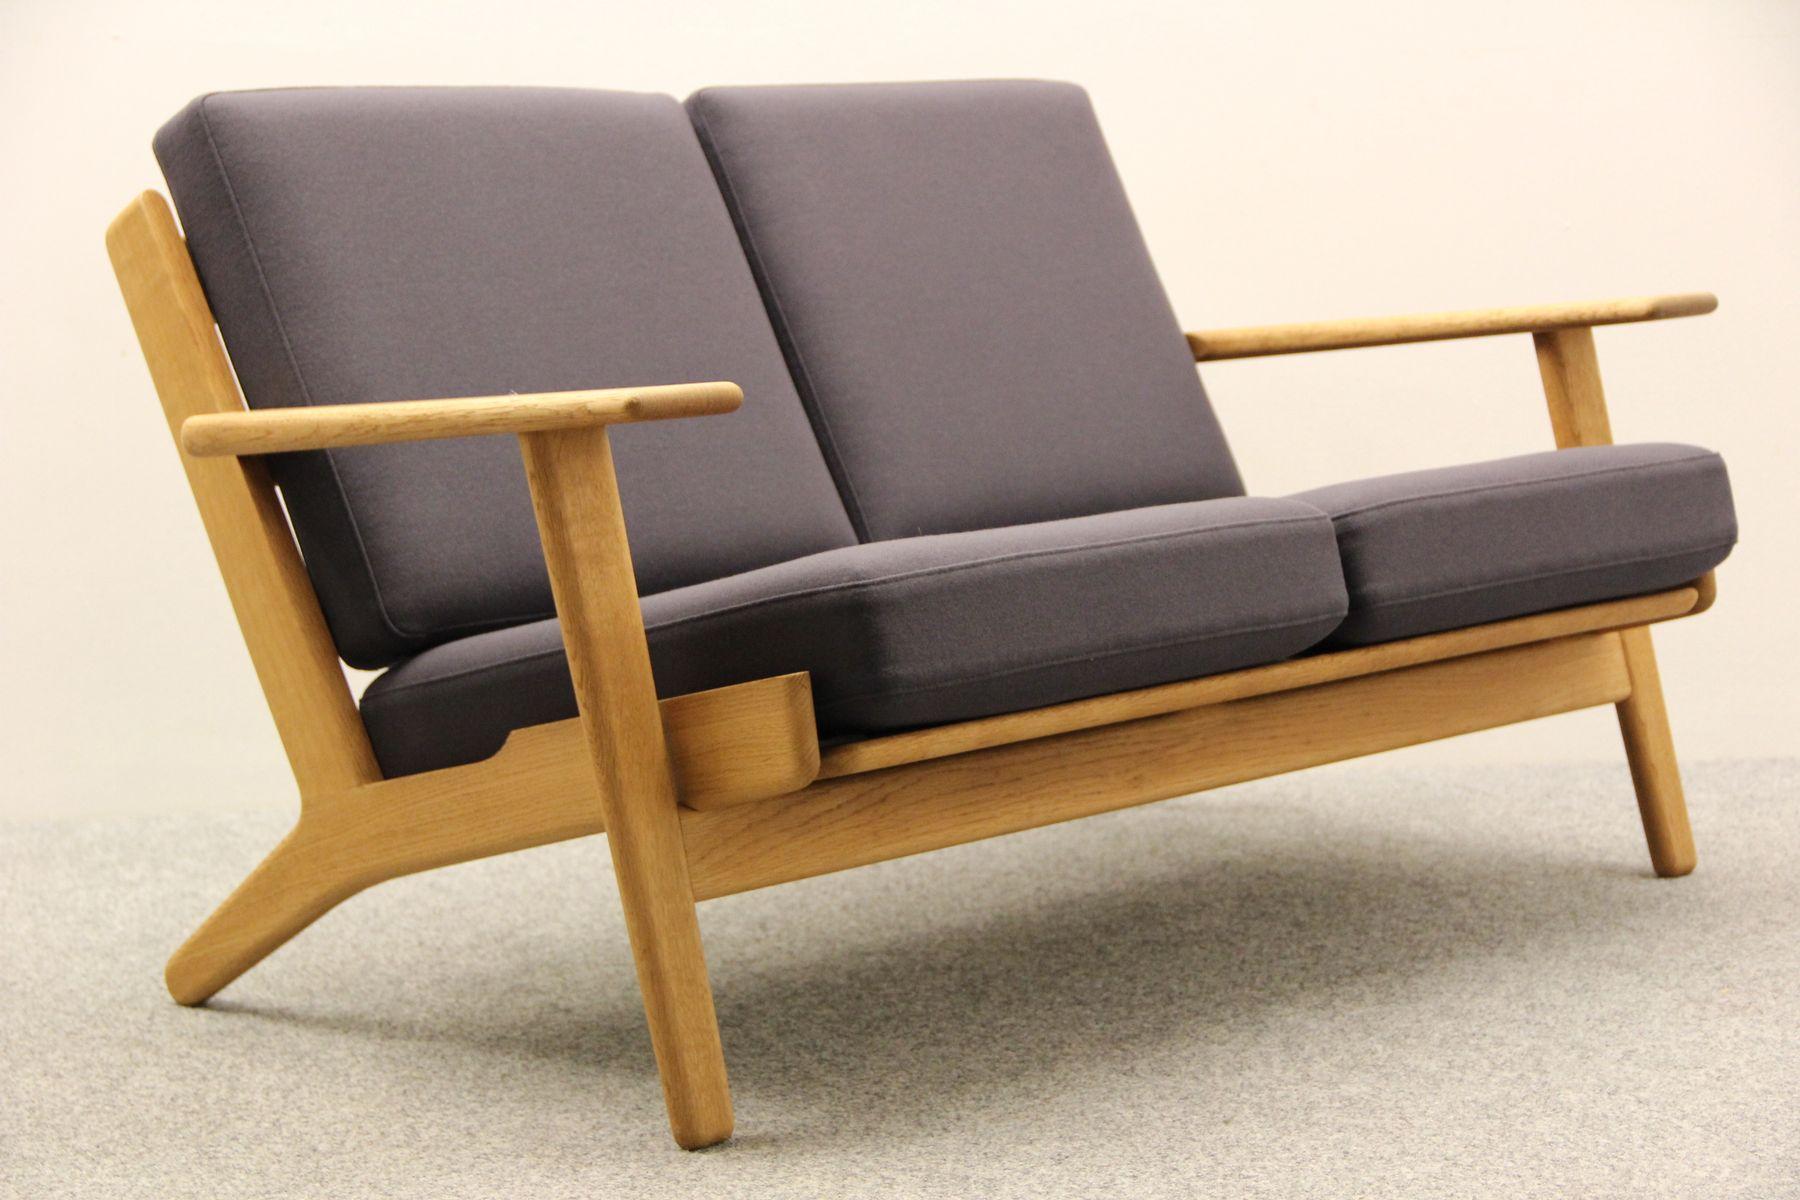 d nischer ge 290 zwei sitzer sofa aus eiche holz von getama 1950er bei pamono kaufen. Black Bedroom Furniture Sets. Home Design Ideas